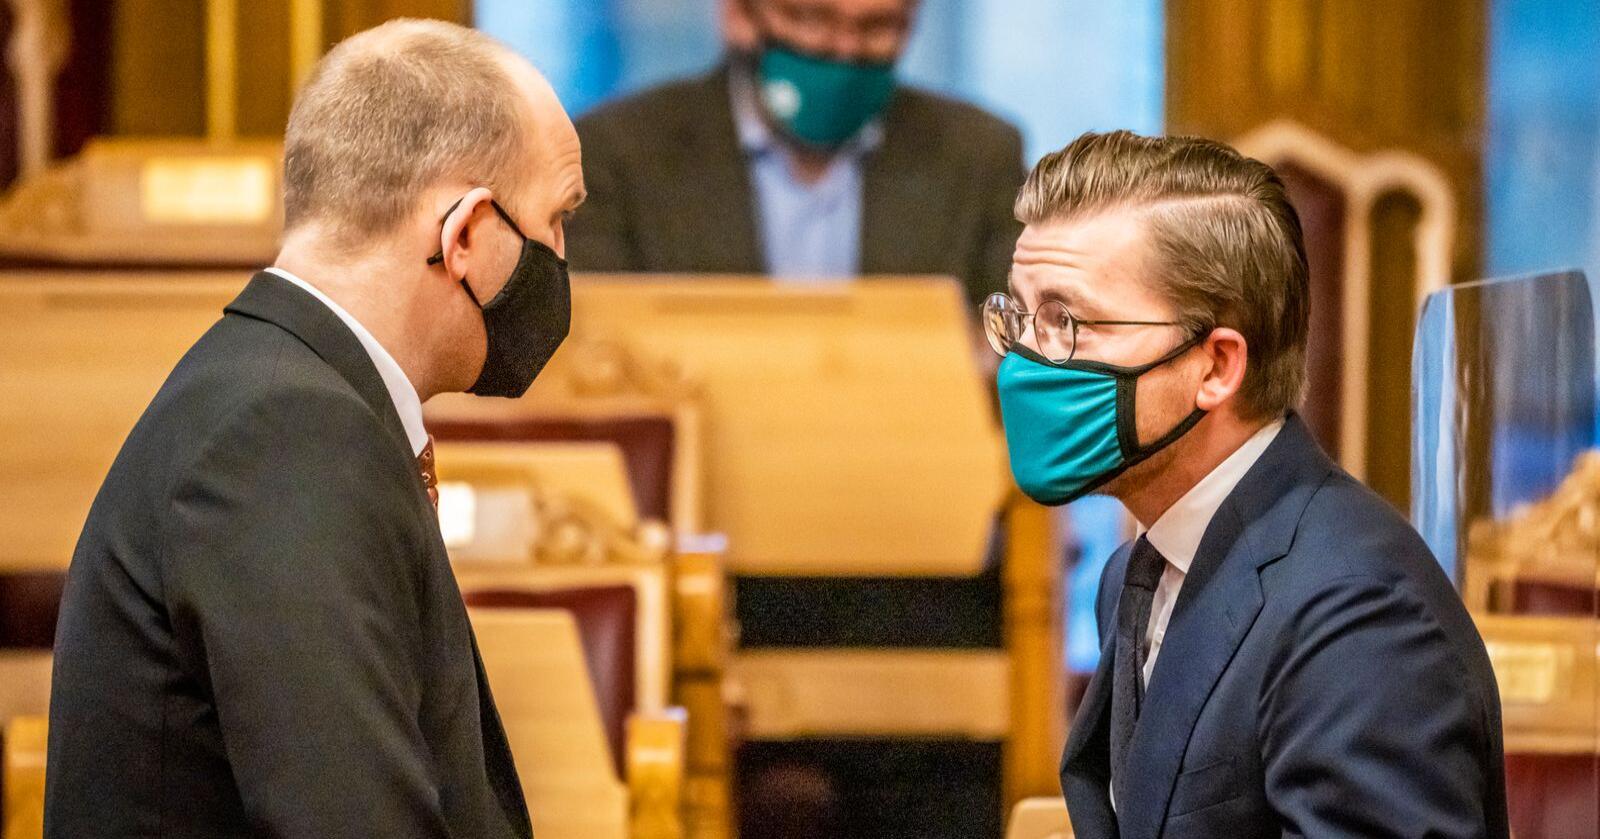 Klima- og miljøminister Sveinung Rotevatn (V) er uenig med Frps Jon Georg Dale (til venstre) om Norge bør inkludere CO2-opptaket fra skog i klimamålene. Foto: Ole Berg-Rusten / NTB